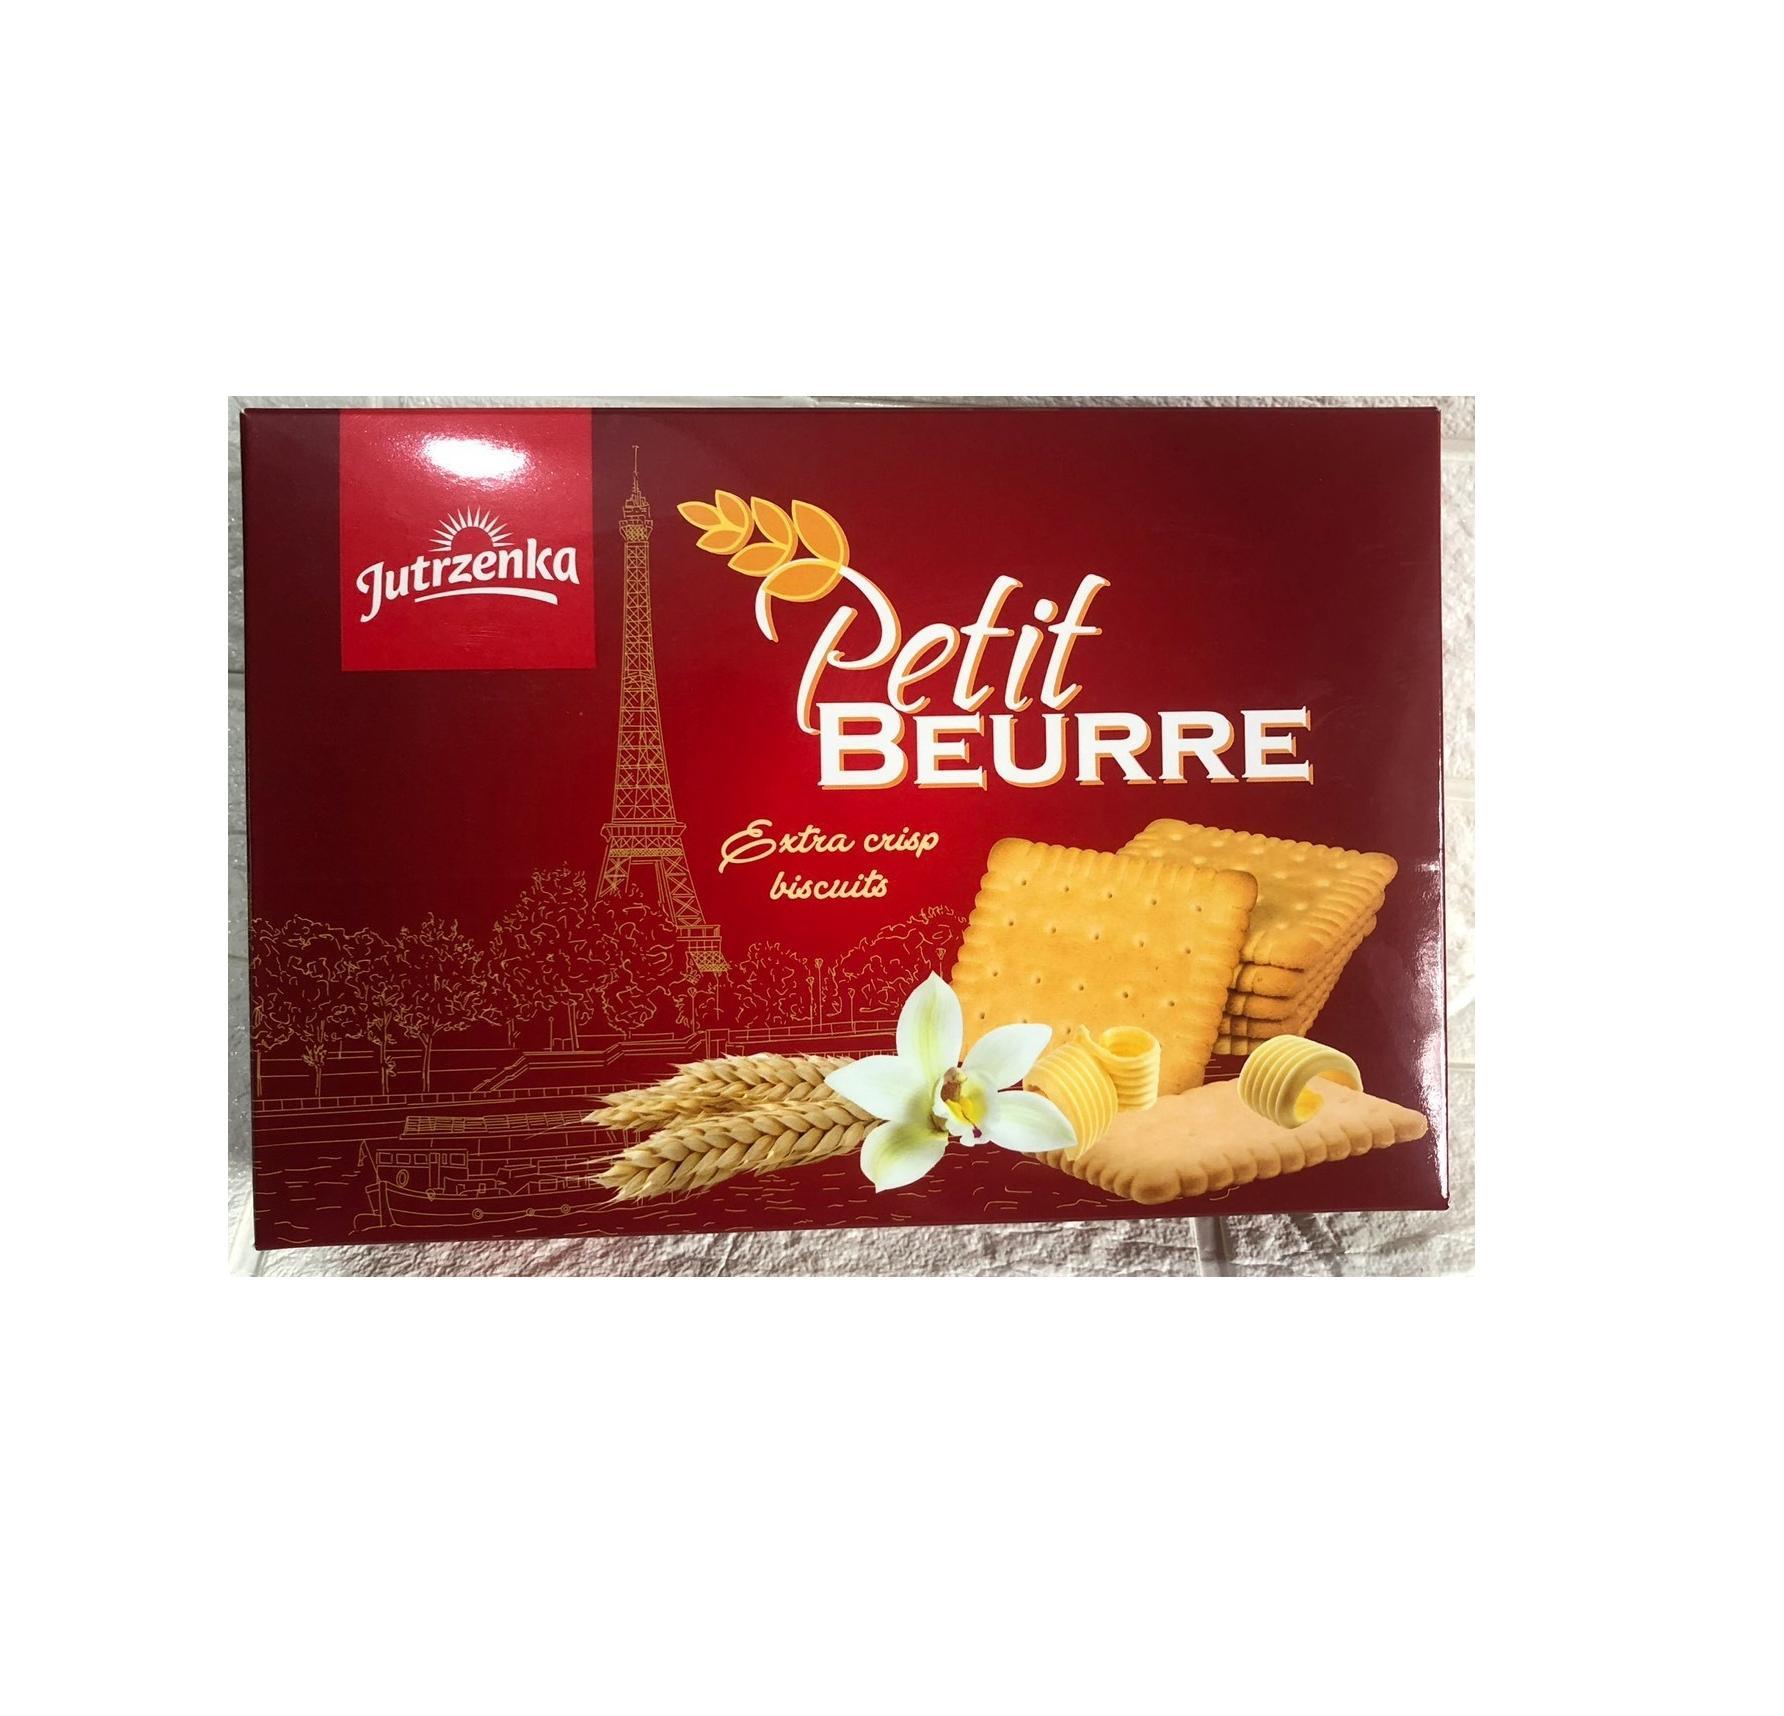 Bánh Pettit Beurre hộp giấy đỏ